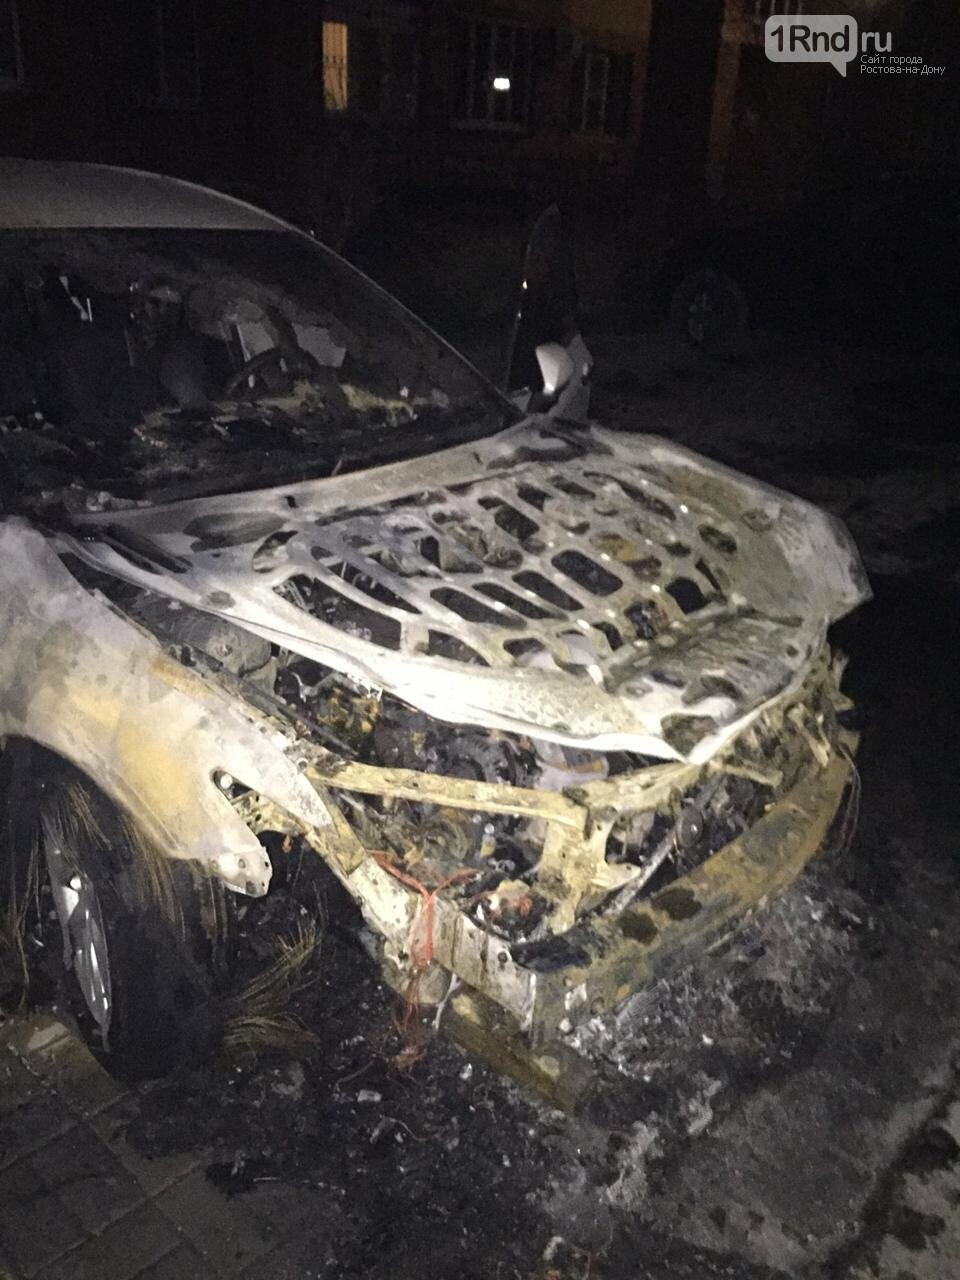 Неизвестный поджёг автомобиль высокопоставленного полицейского из Ростова, фото-1